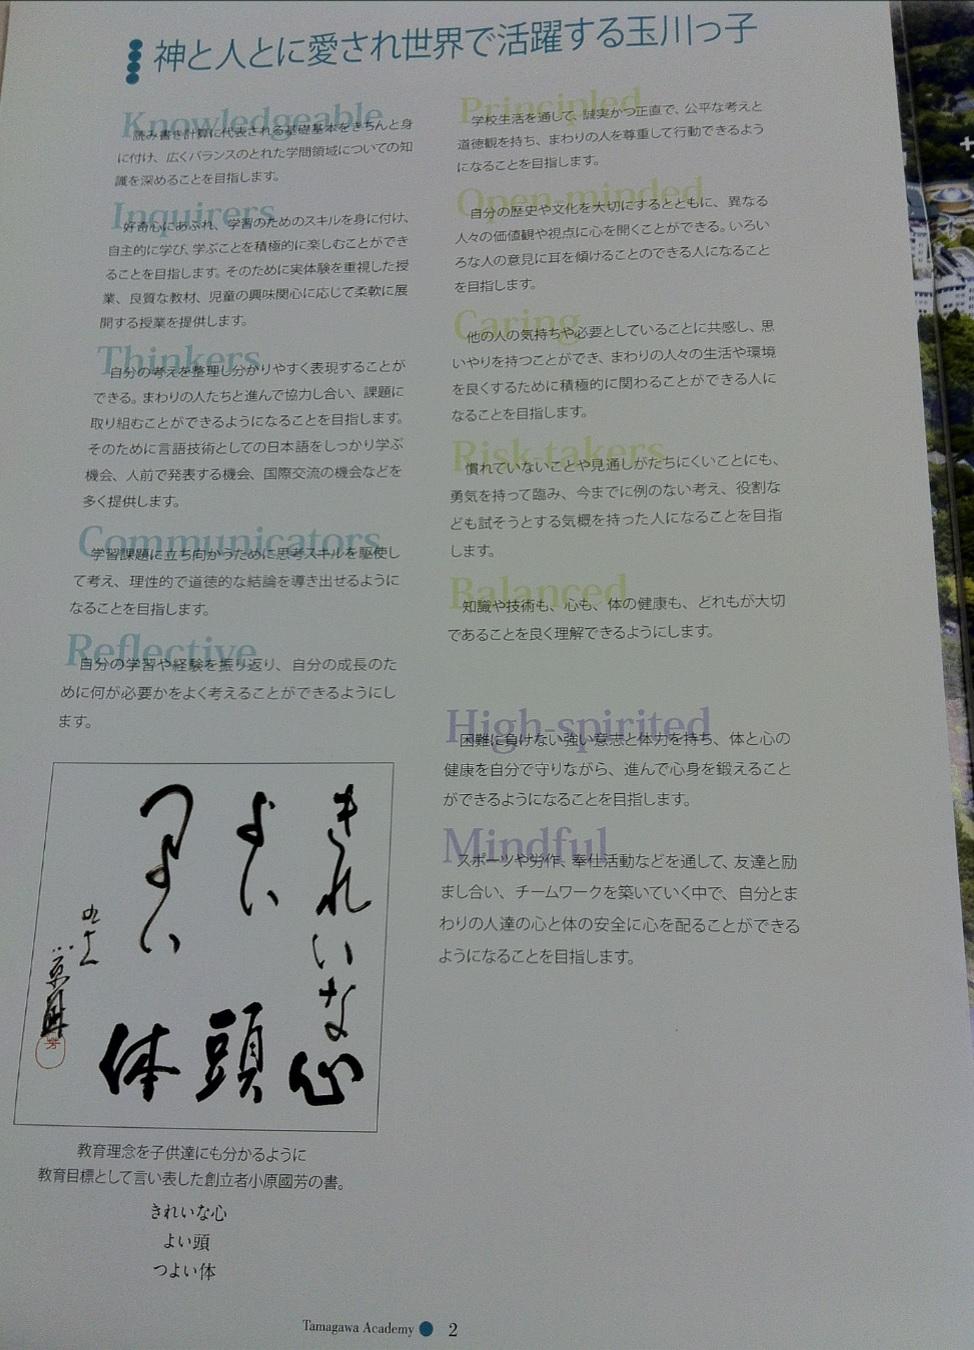 玉川学園小学校の学校案内パンフレット画像キャプチャ(ページ2)